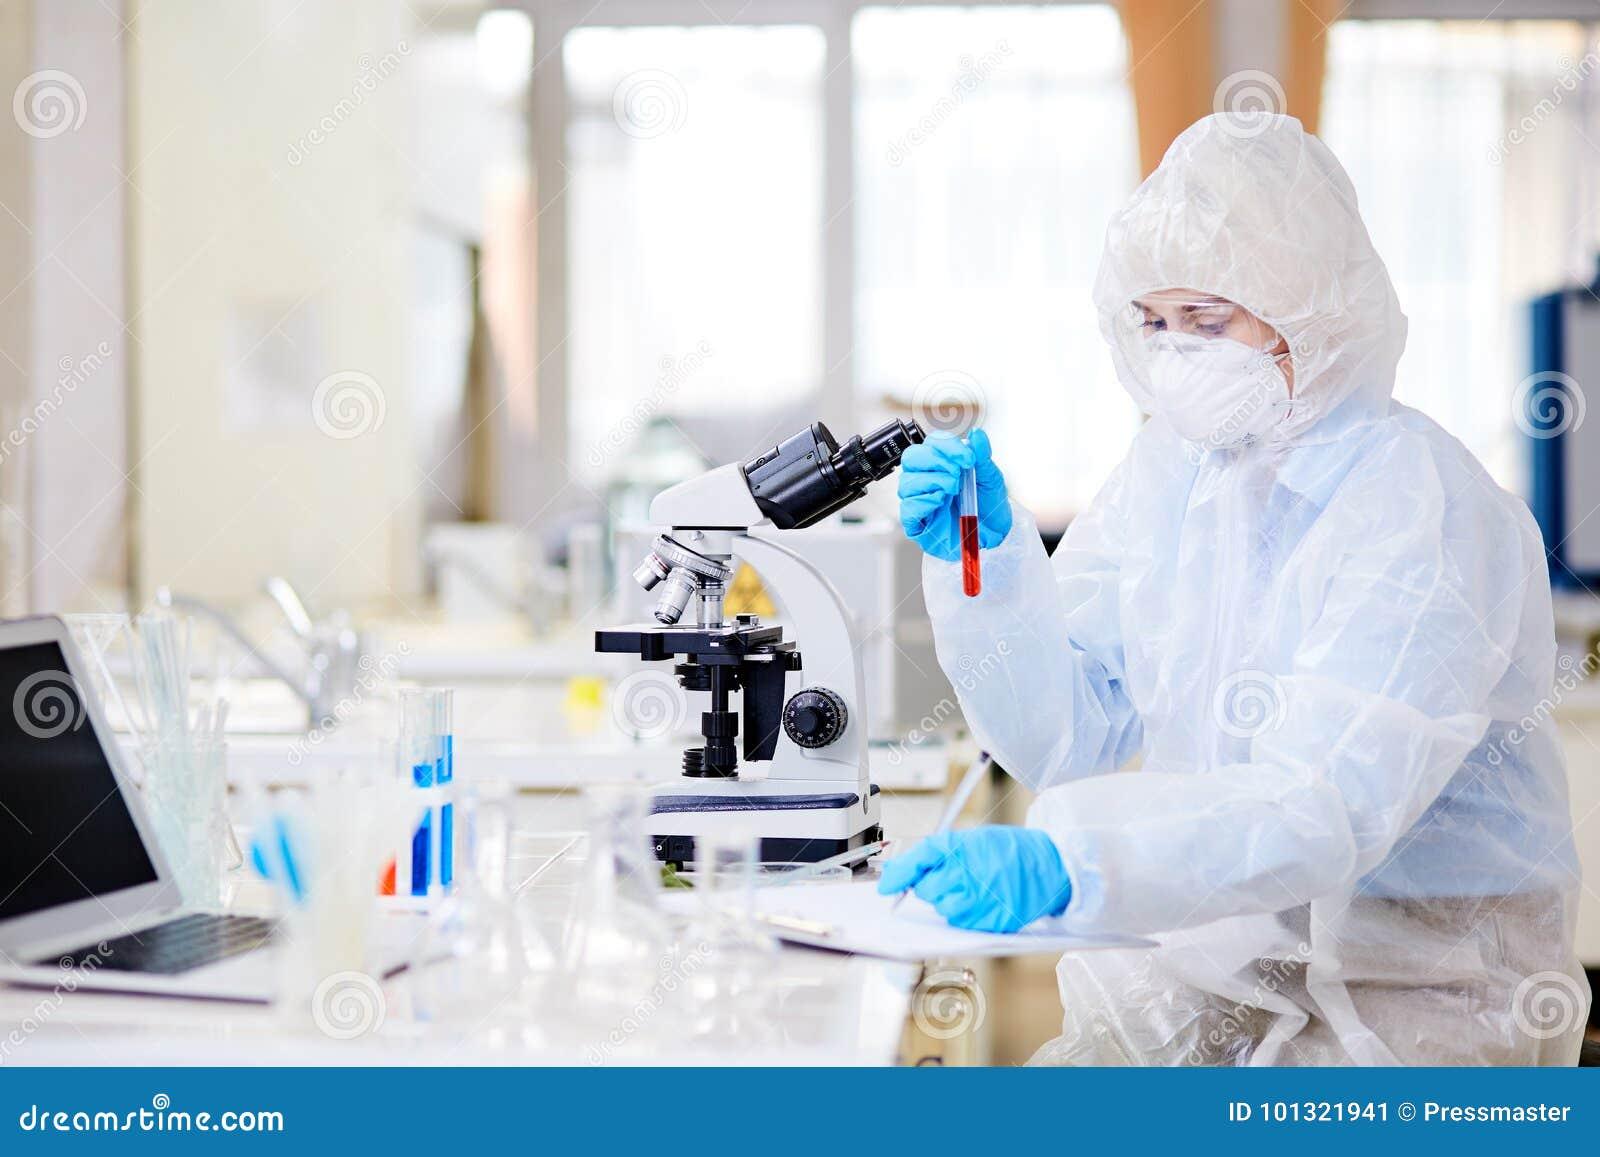 Pisać puszków rezultatach eksperyment